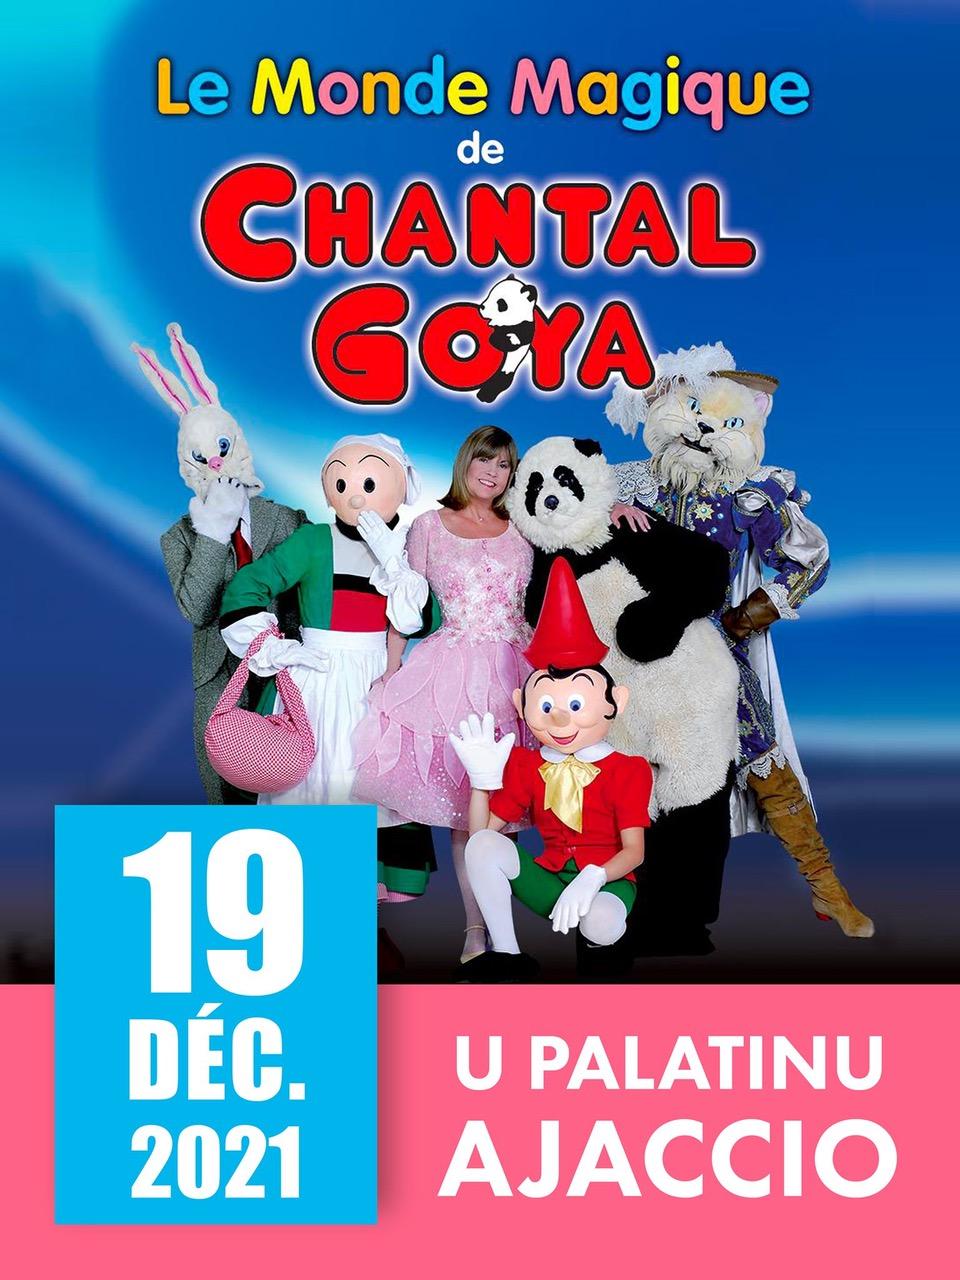 Chantal GOYA  - U Palatinu